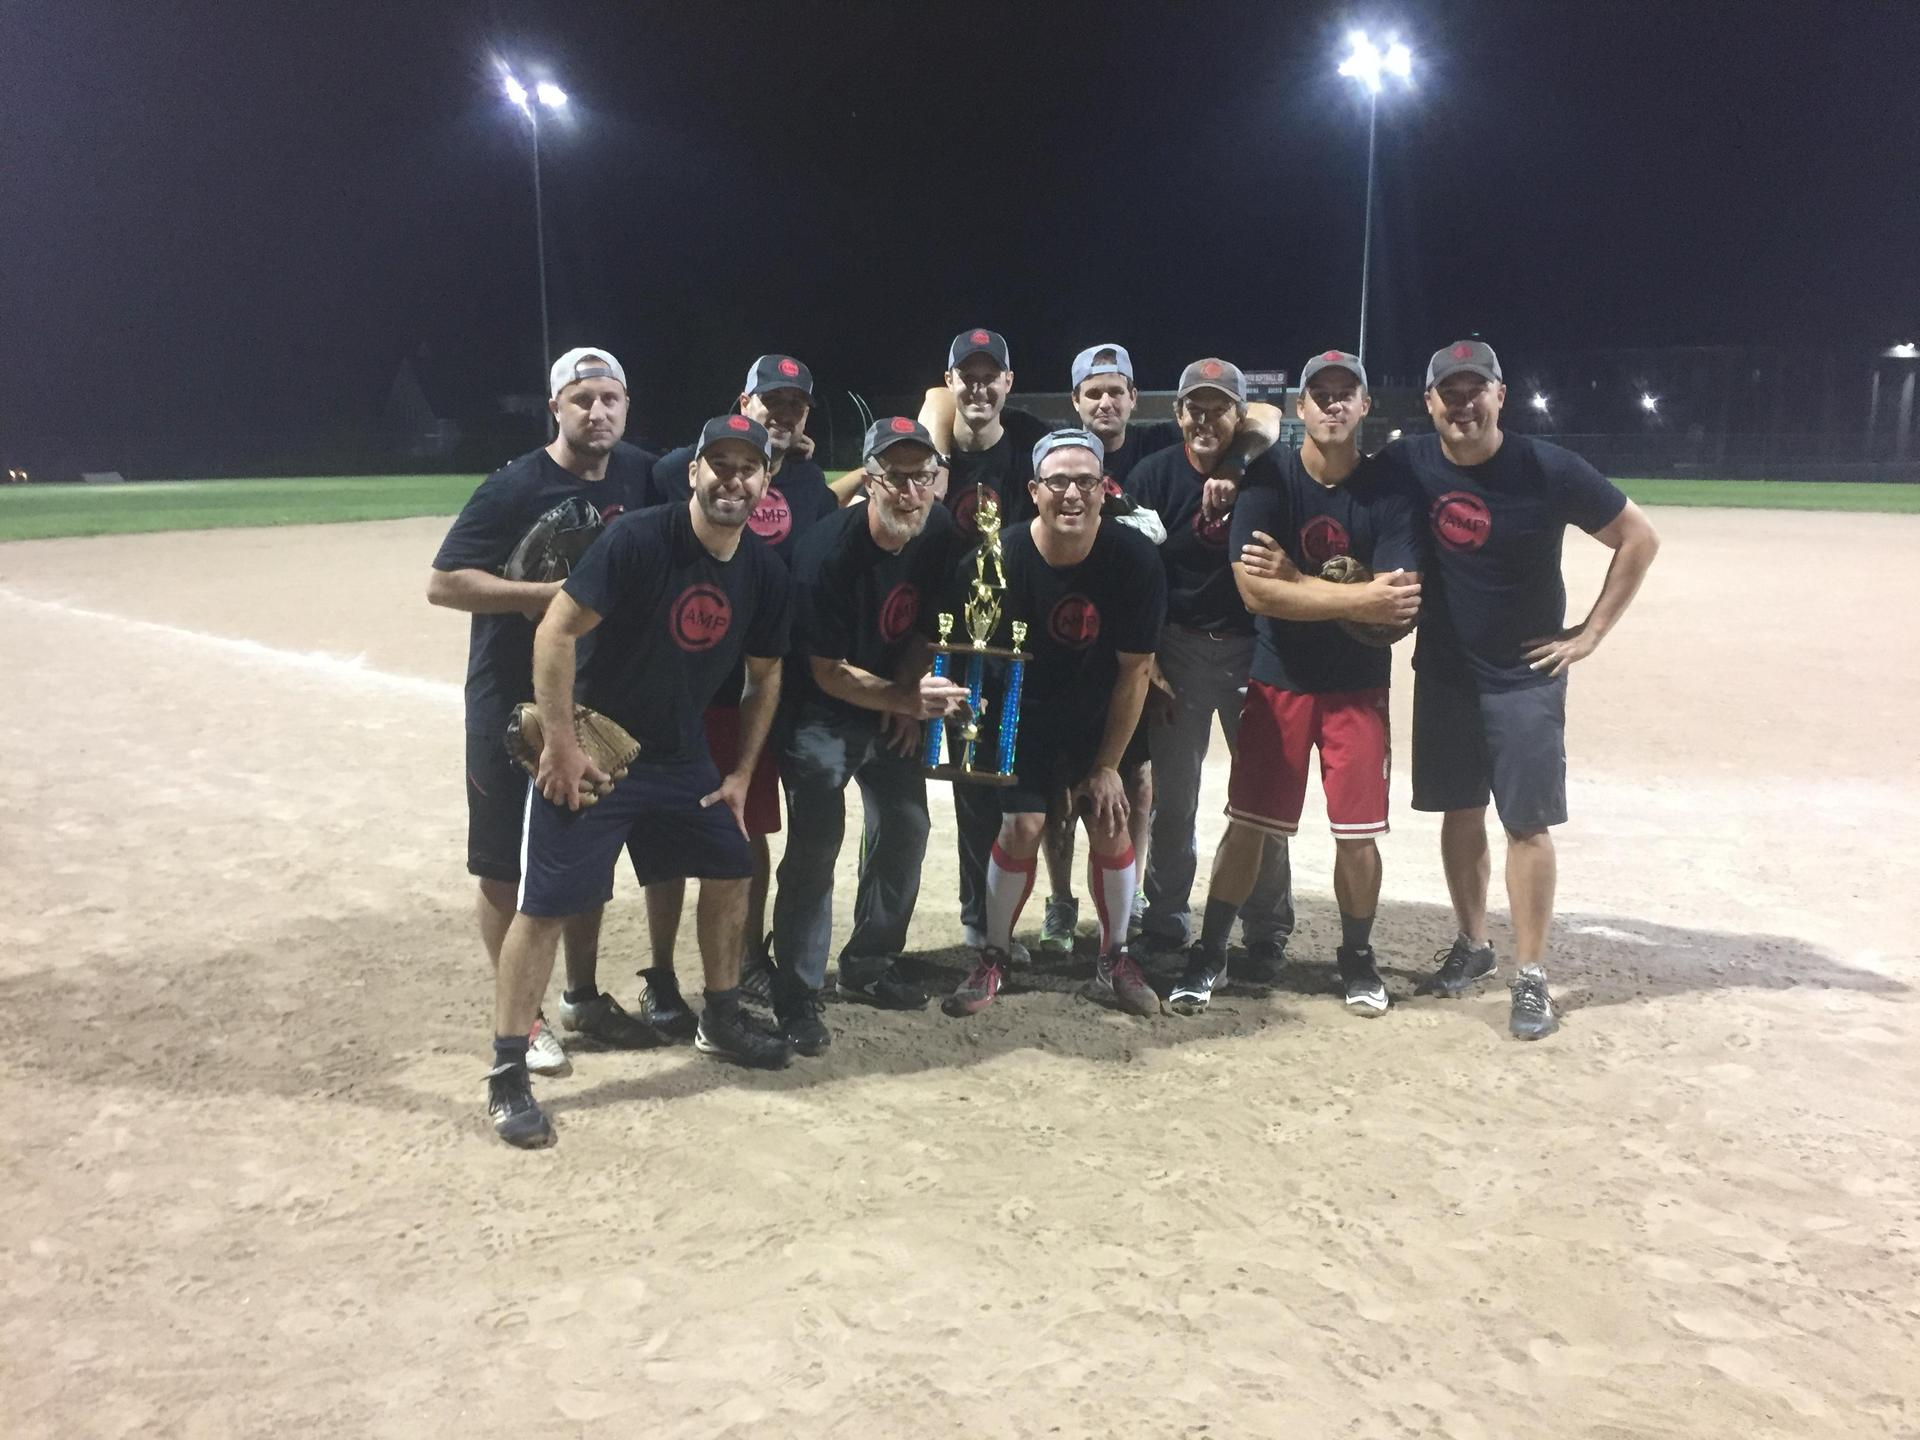 30+ Softball Champs